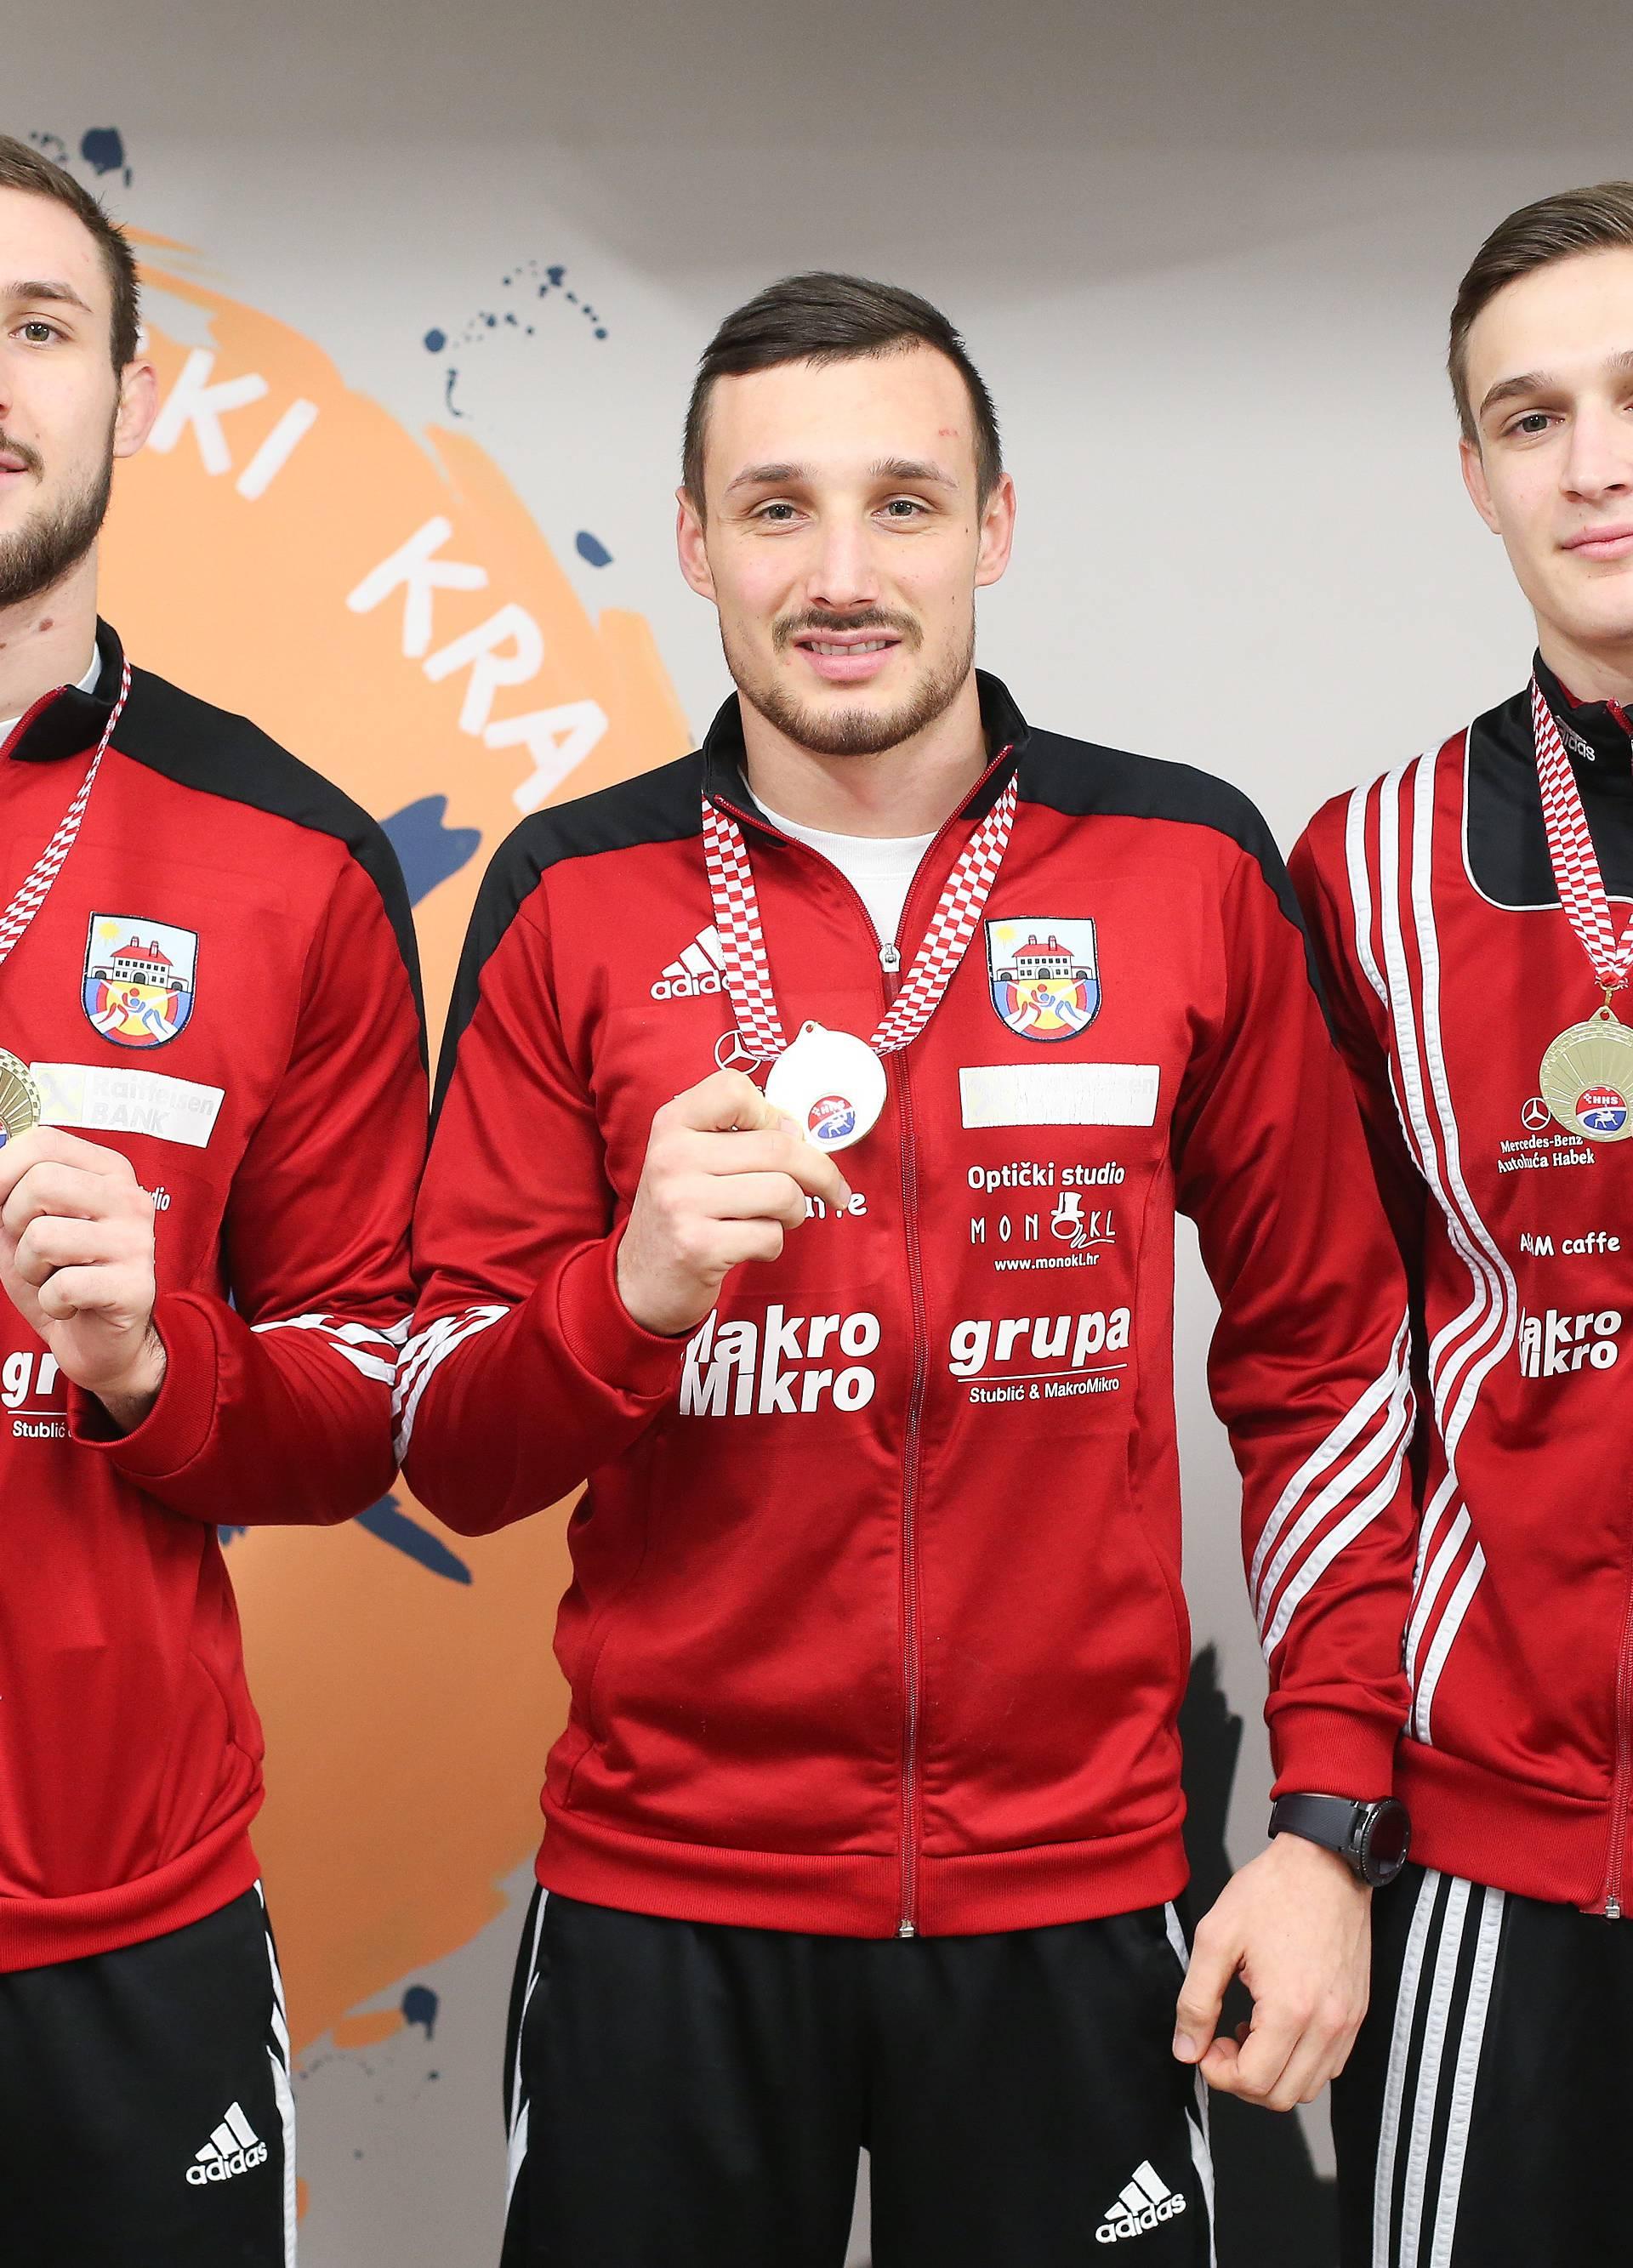 Šampioni iz iste kuće: Tri brata iz kluba hrvački prvaci države